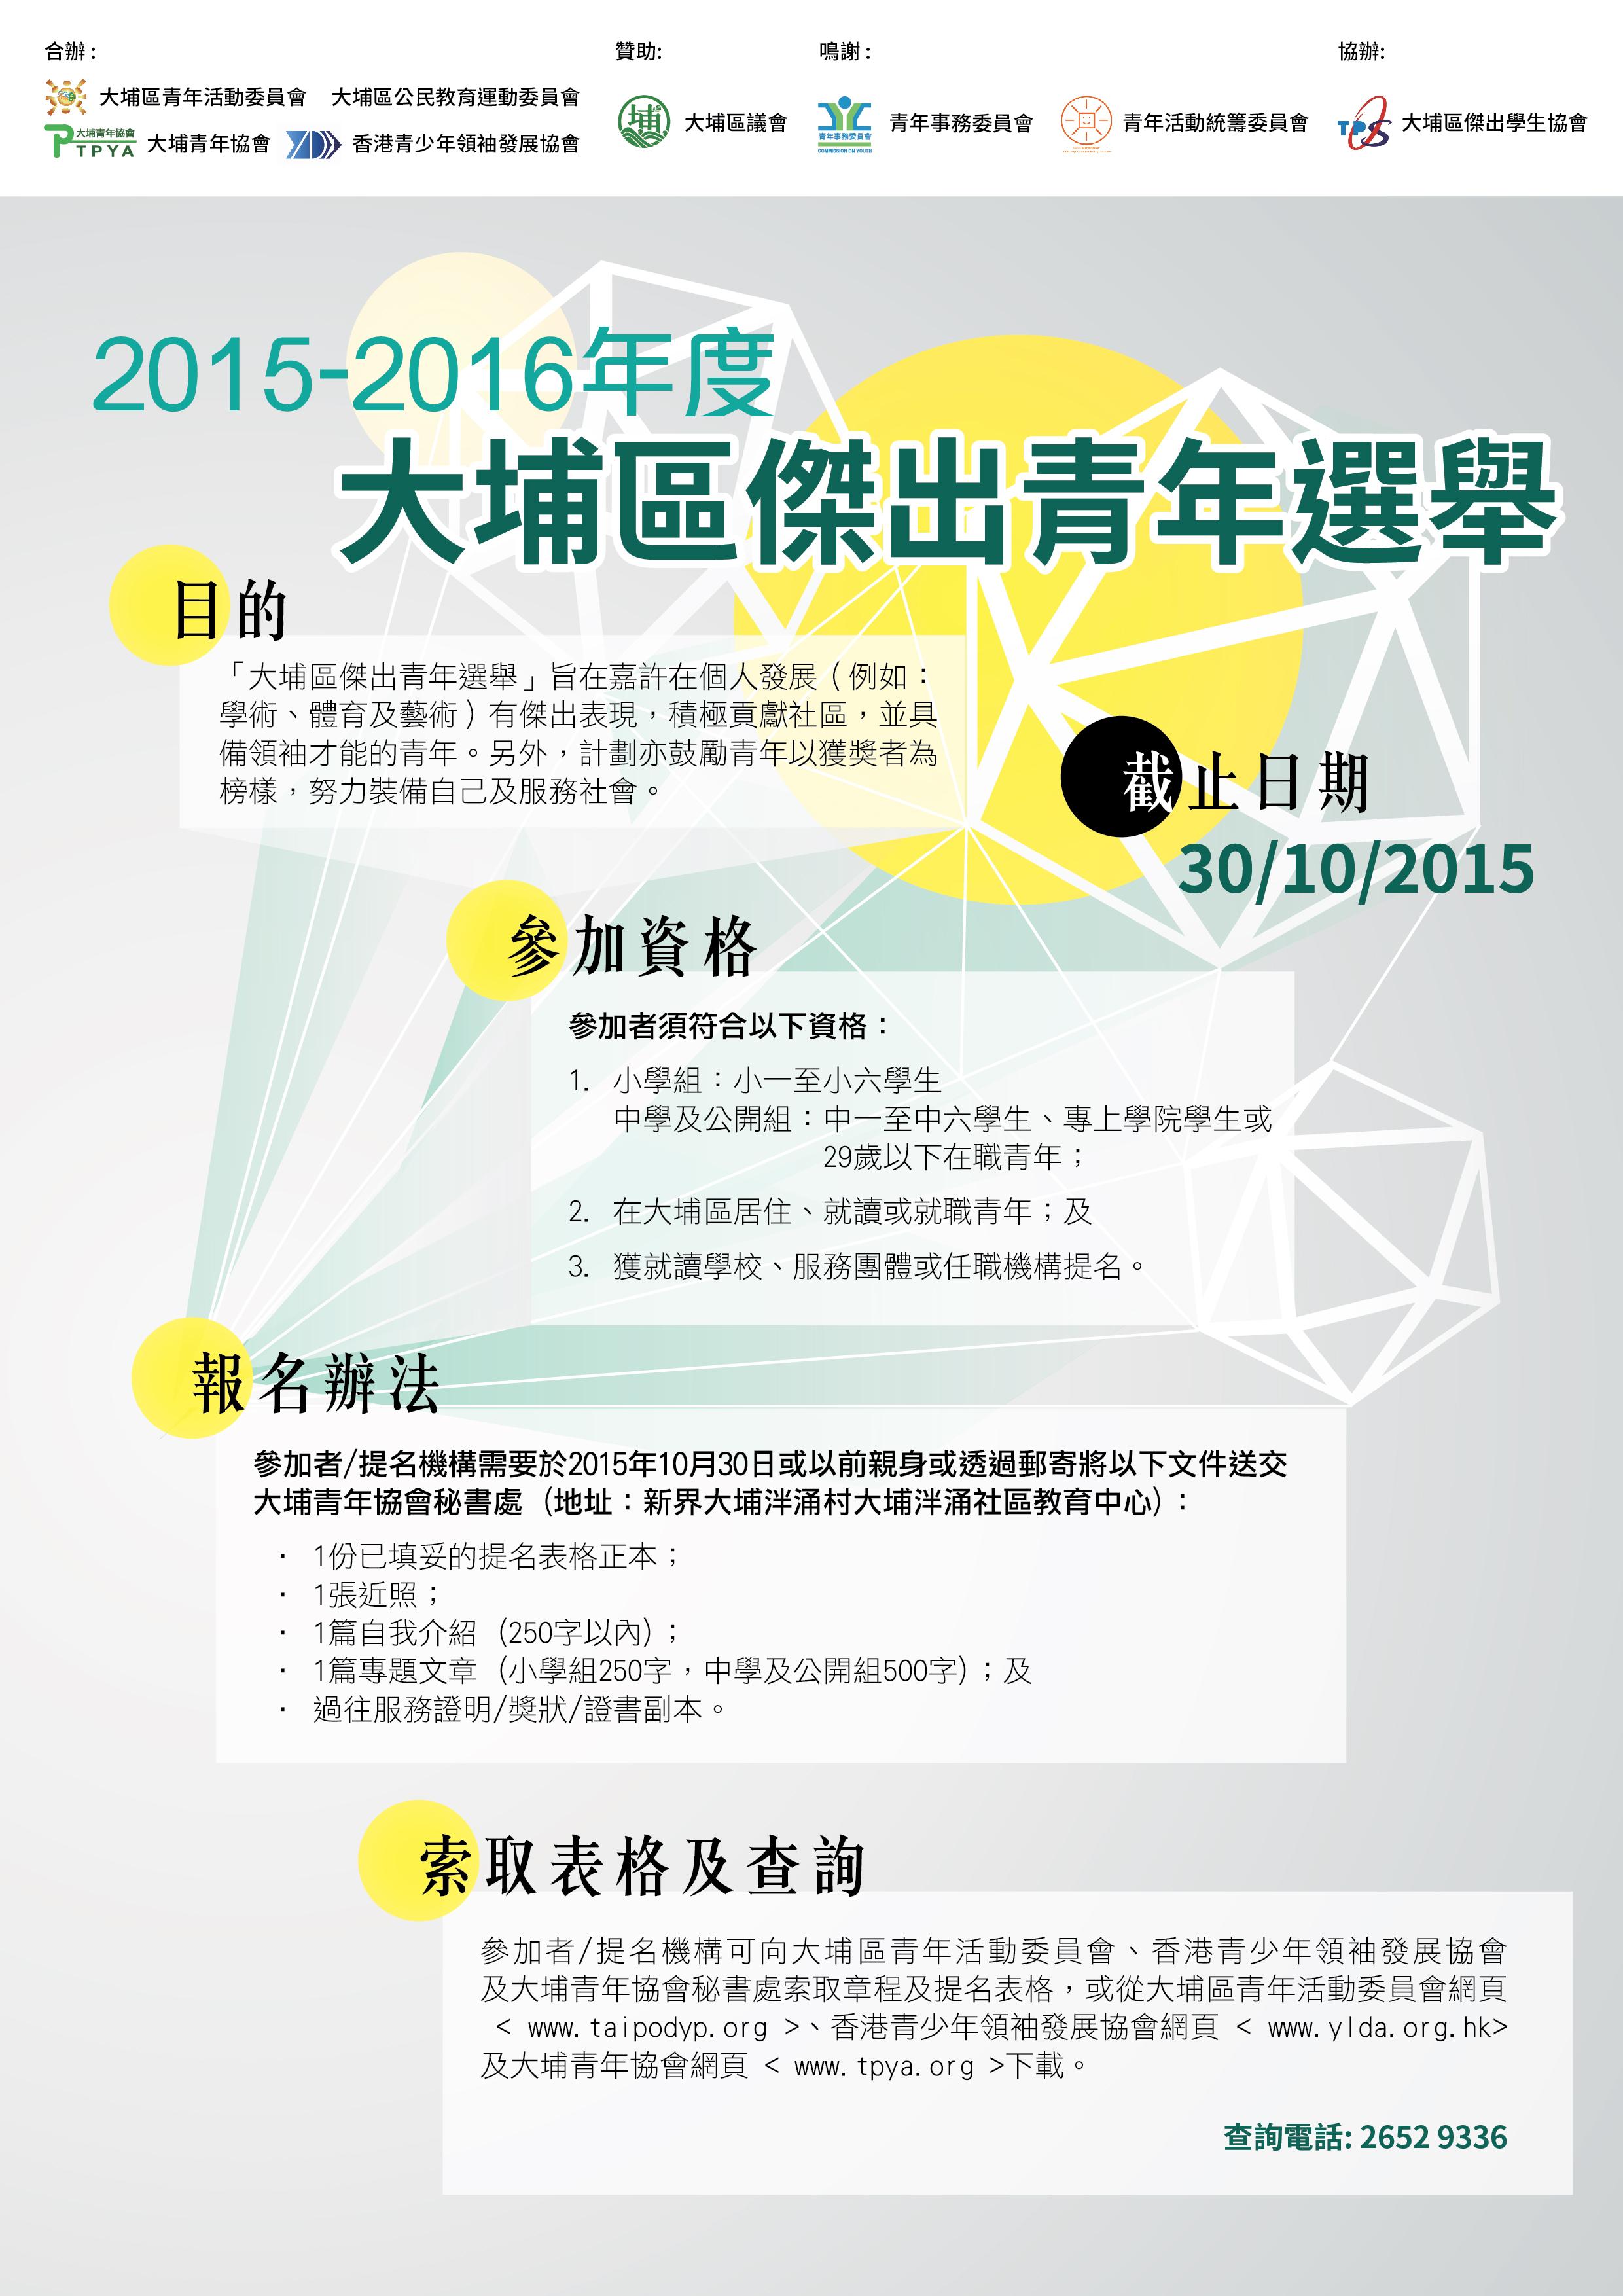 2015-2016年度大埔區傑出青年選舉_宣傳海報